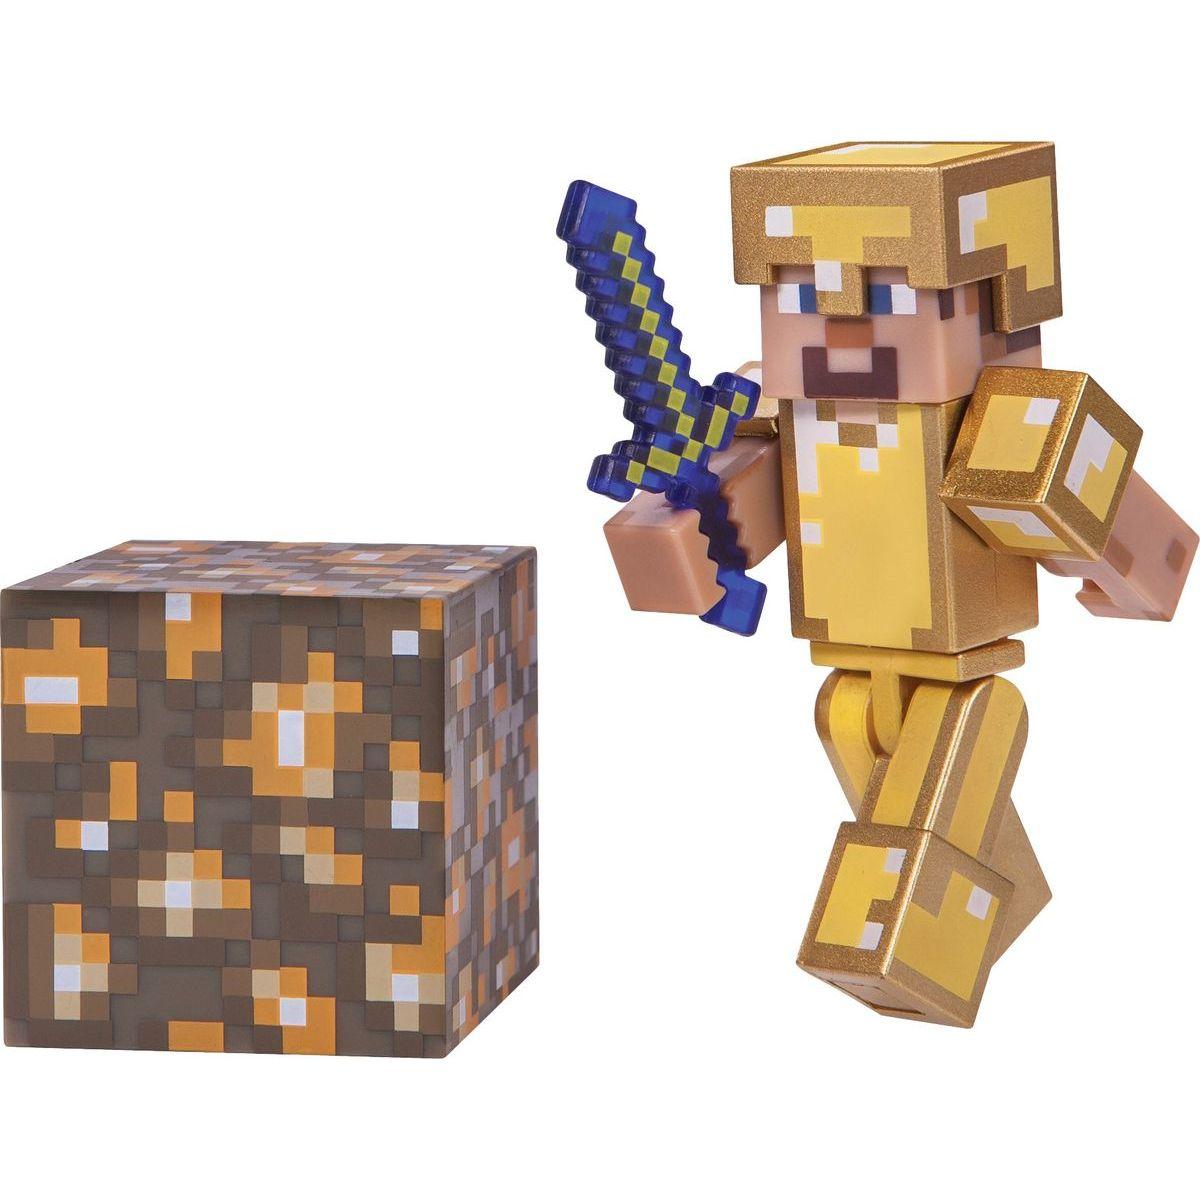 Minecraft zberateľská figúrka Steve v zlatej zbrojí